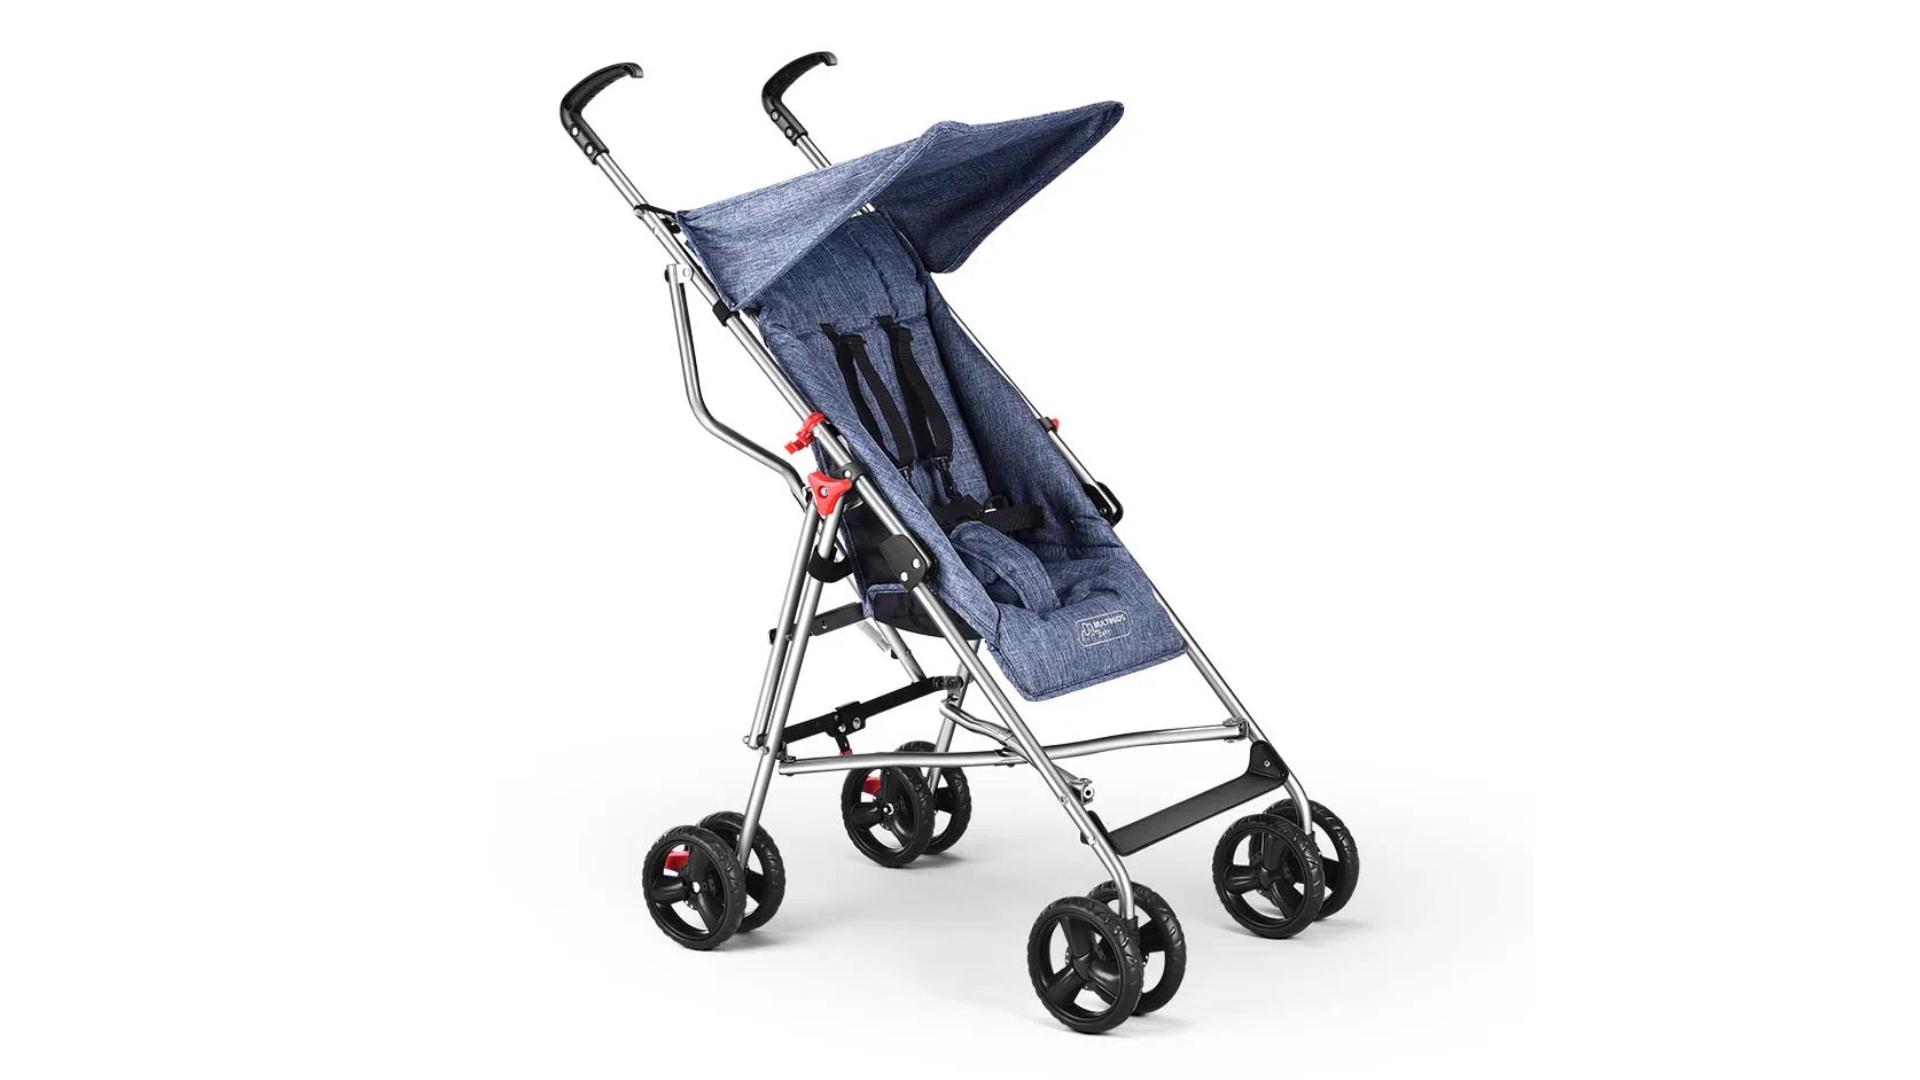 O carrinho de bebê guarda-chuva tem um sistema de fechamento mais compacto (Imagem: Divulgação/Multikids)